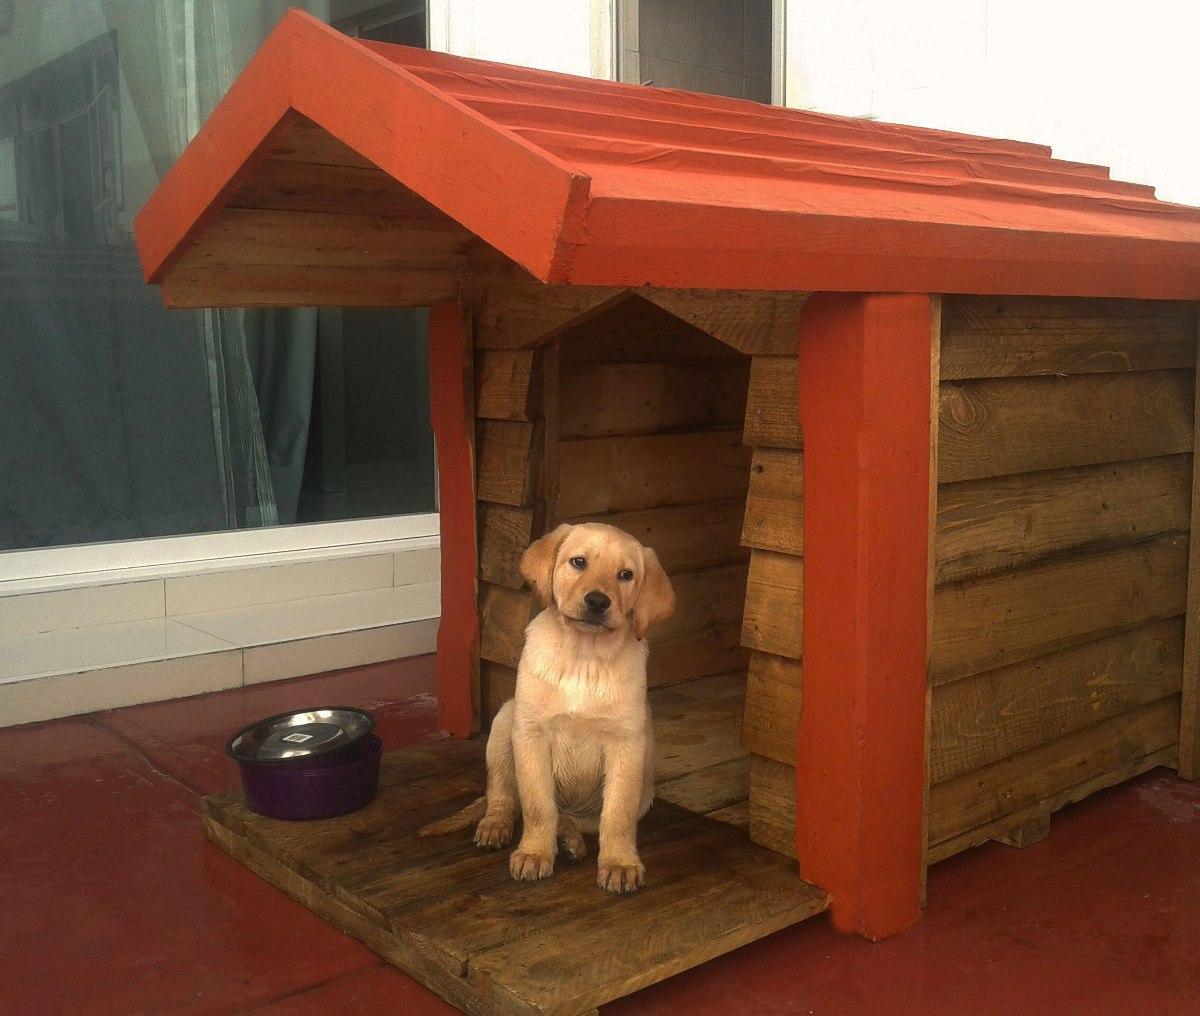 Casa De Madera Para Perro C/terraza - Impermeabilizado(dogo ...